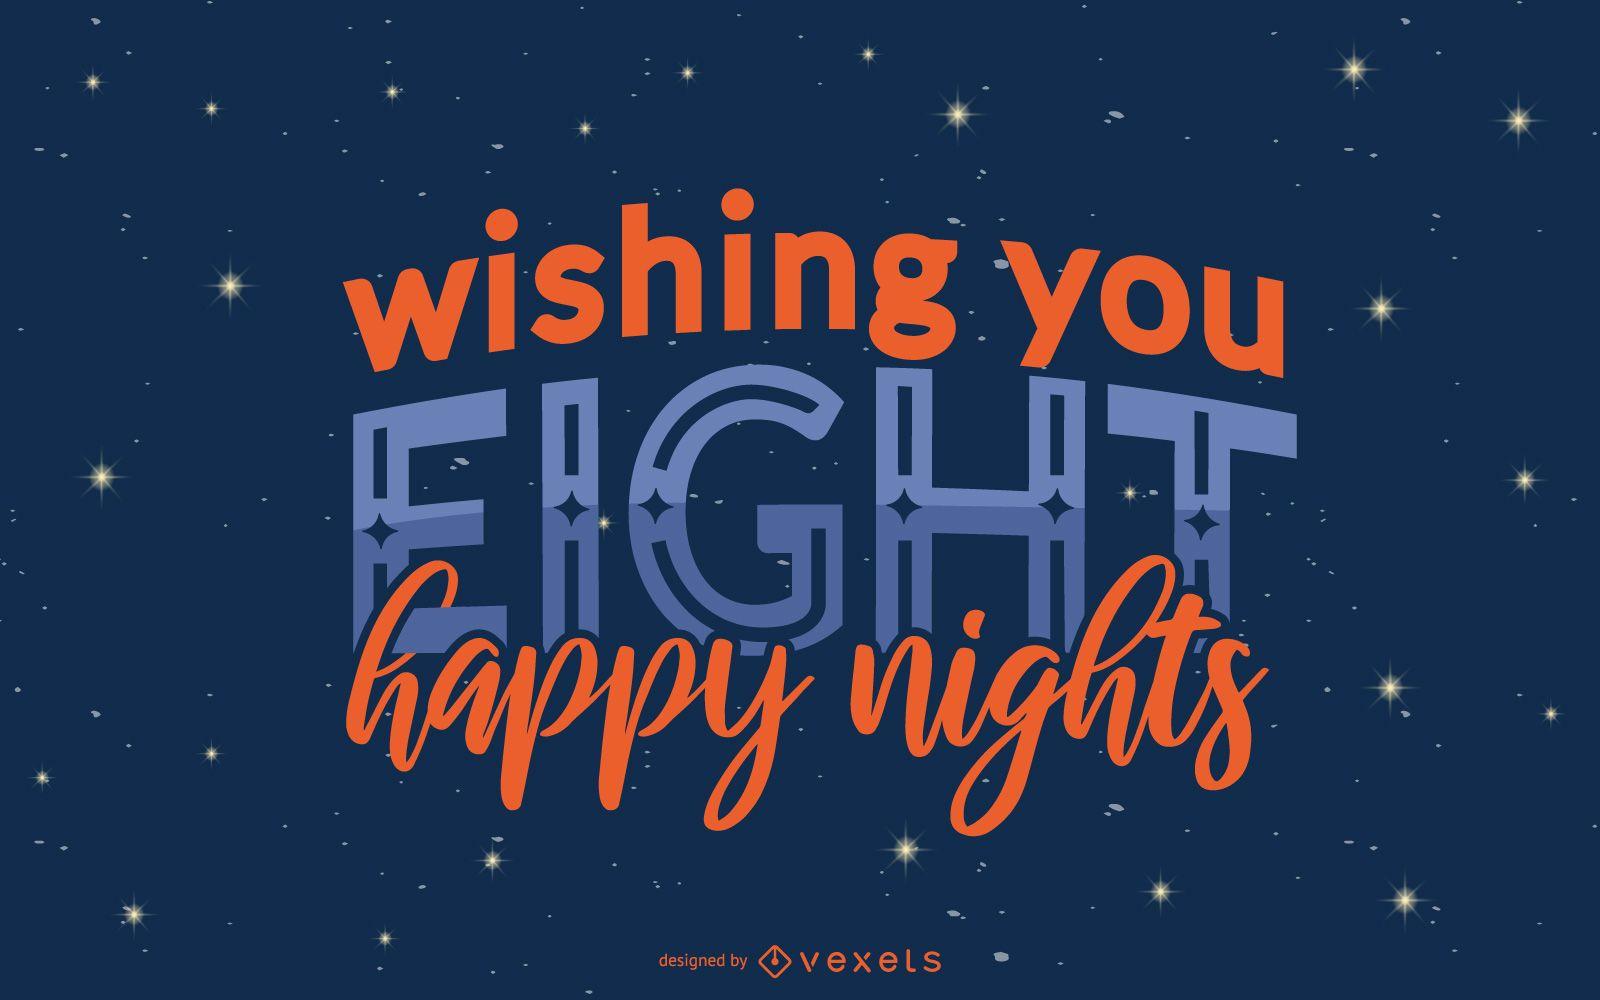 Hanukkah Night Quote Banner Design